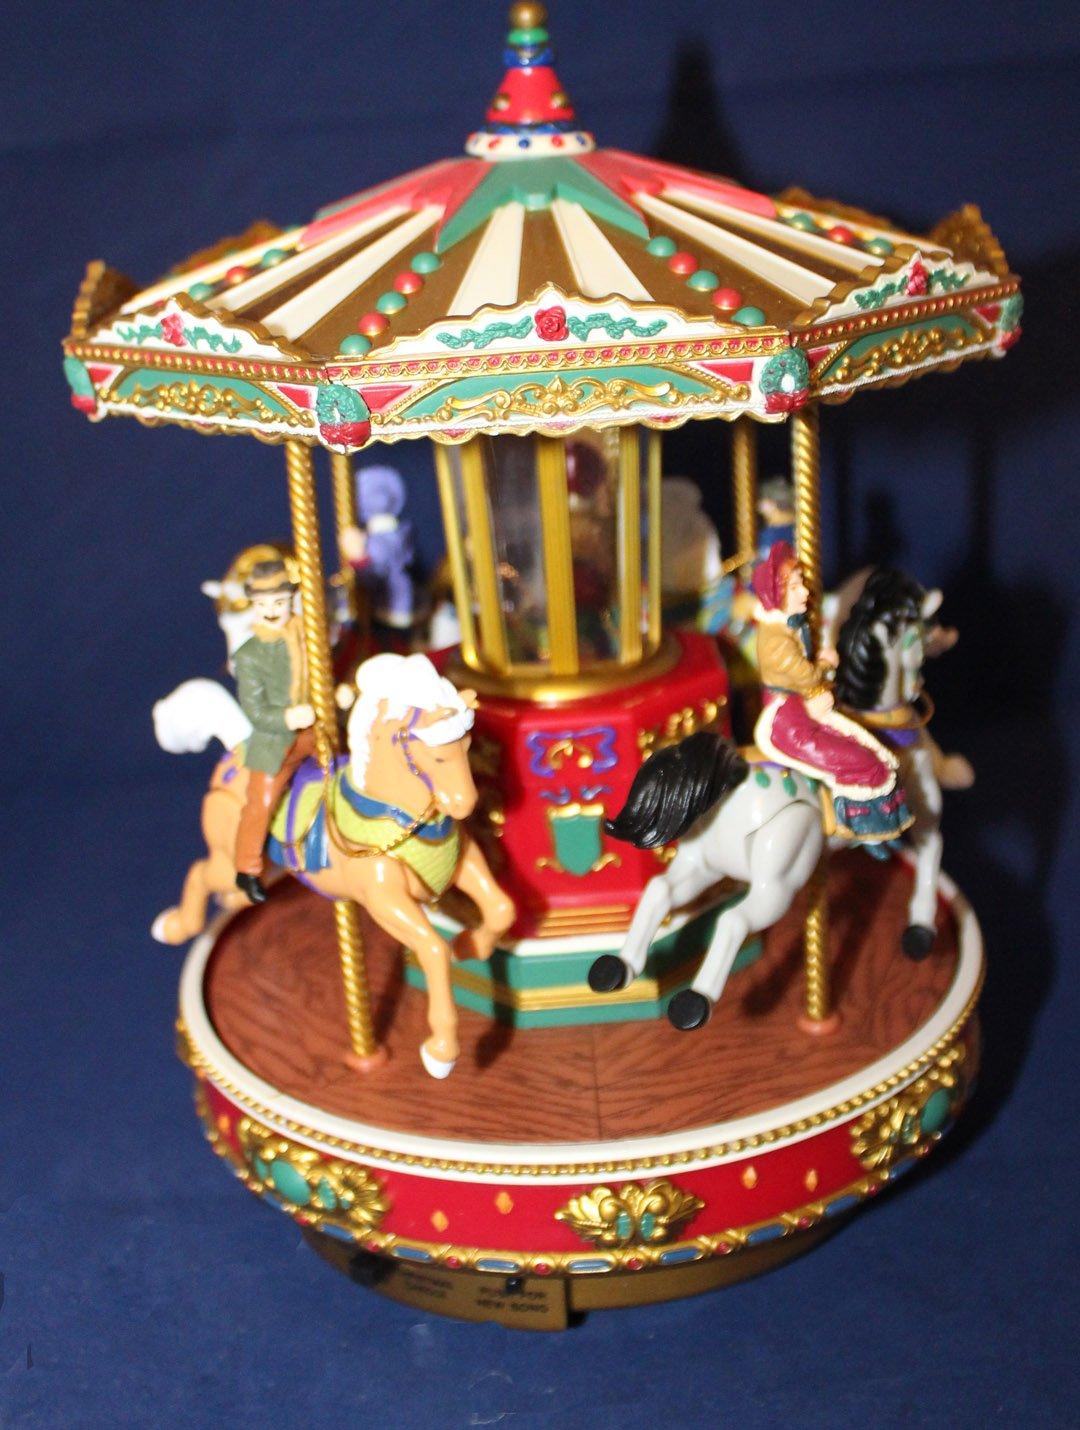 福袋 Mr。クリスマスホリデーGo Round Carousel – Plays Including 50 Great Plays Songs Great Including 25クリスマスキャロル B015HJU36E, アソグン:1ceaac8a --- arcego.dominiotemporario.com